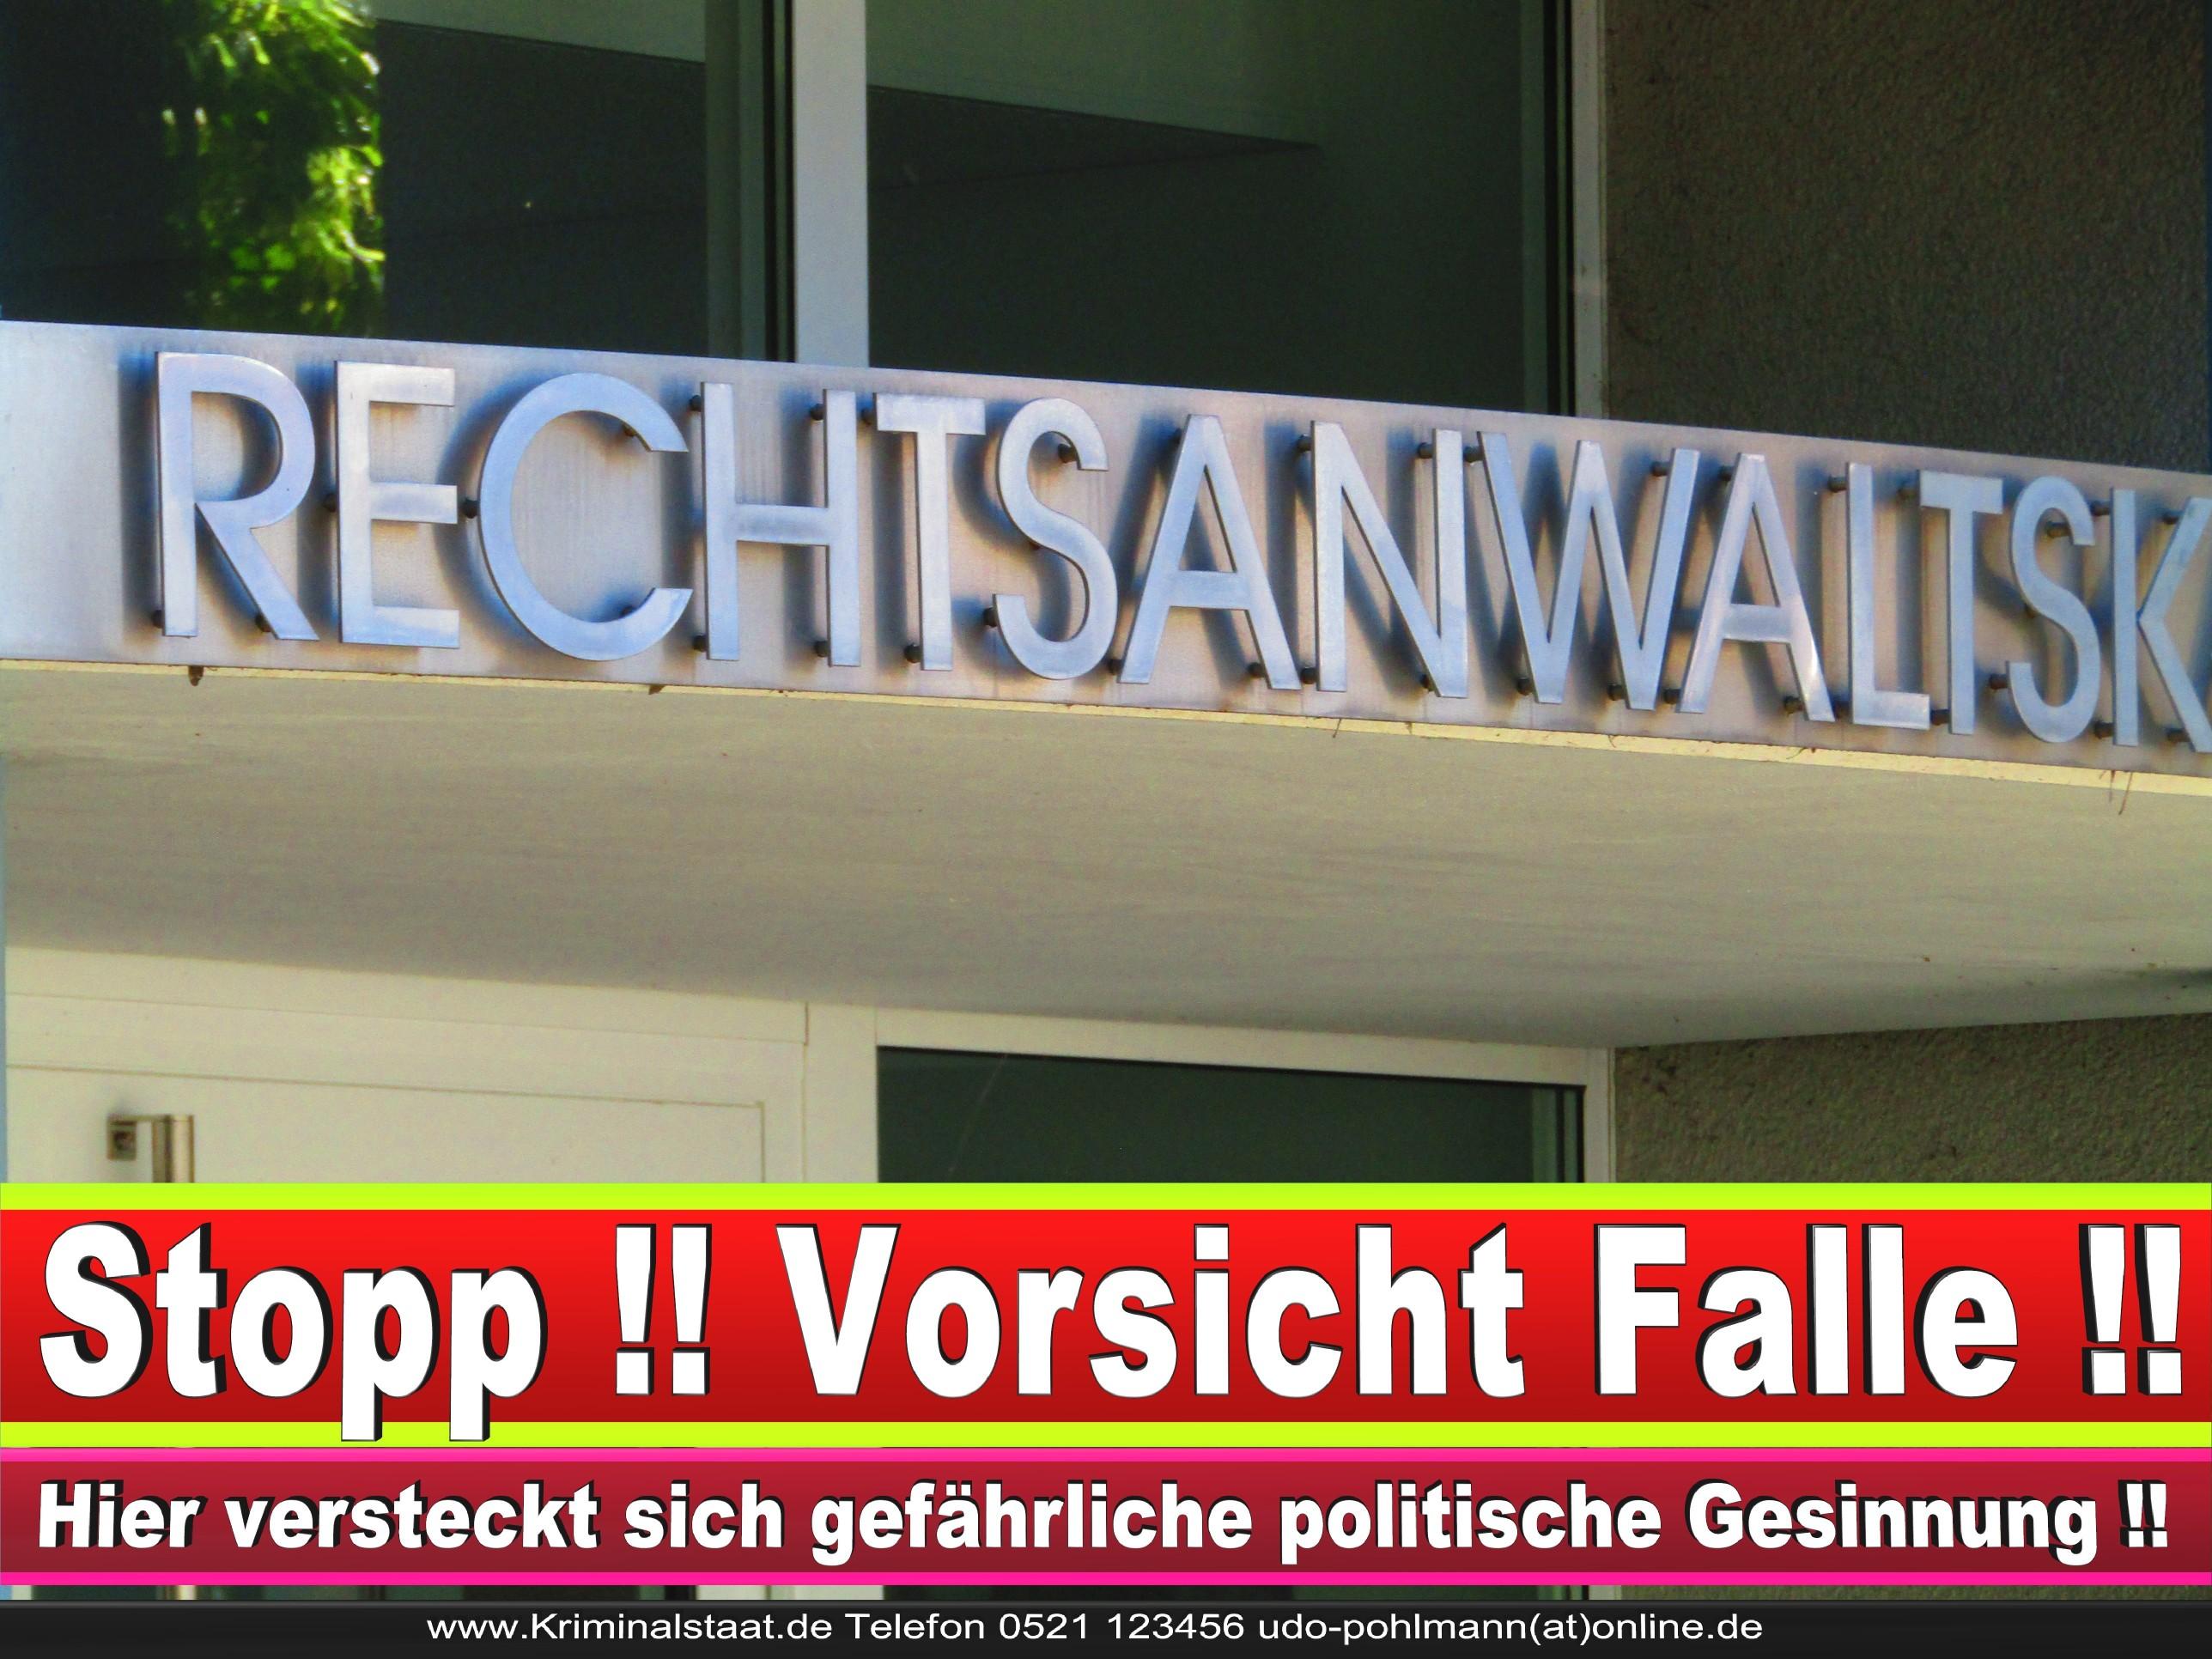 Rechtsanwaltskammer Hamm NRW Justizminister Rechtsanwalt Notar Vermögensverfall Urteil Rechtsprechung CDU SPD FDP Berufsordnung Rechtsanwälte Rechtsprechung (15) 1